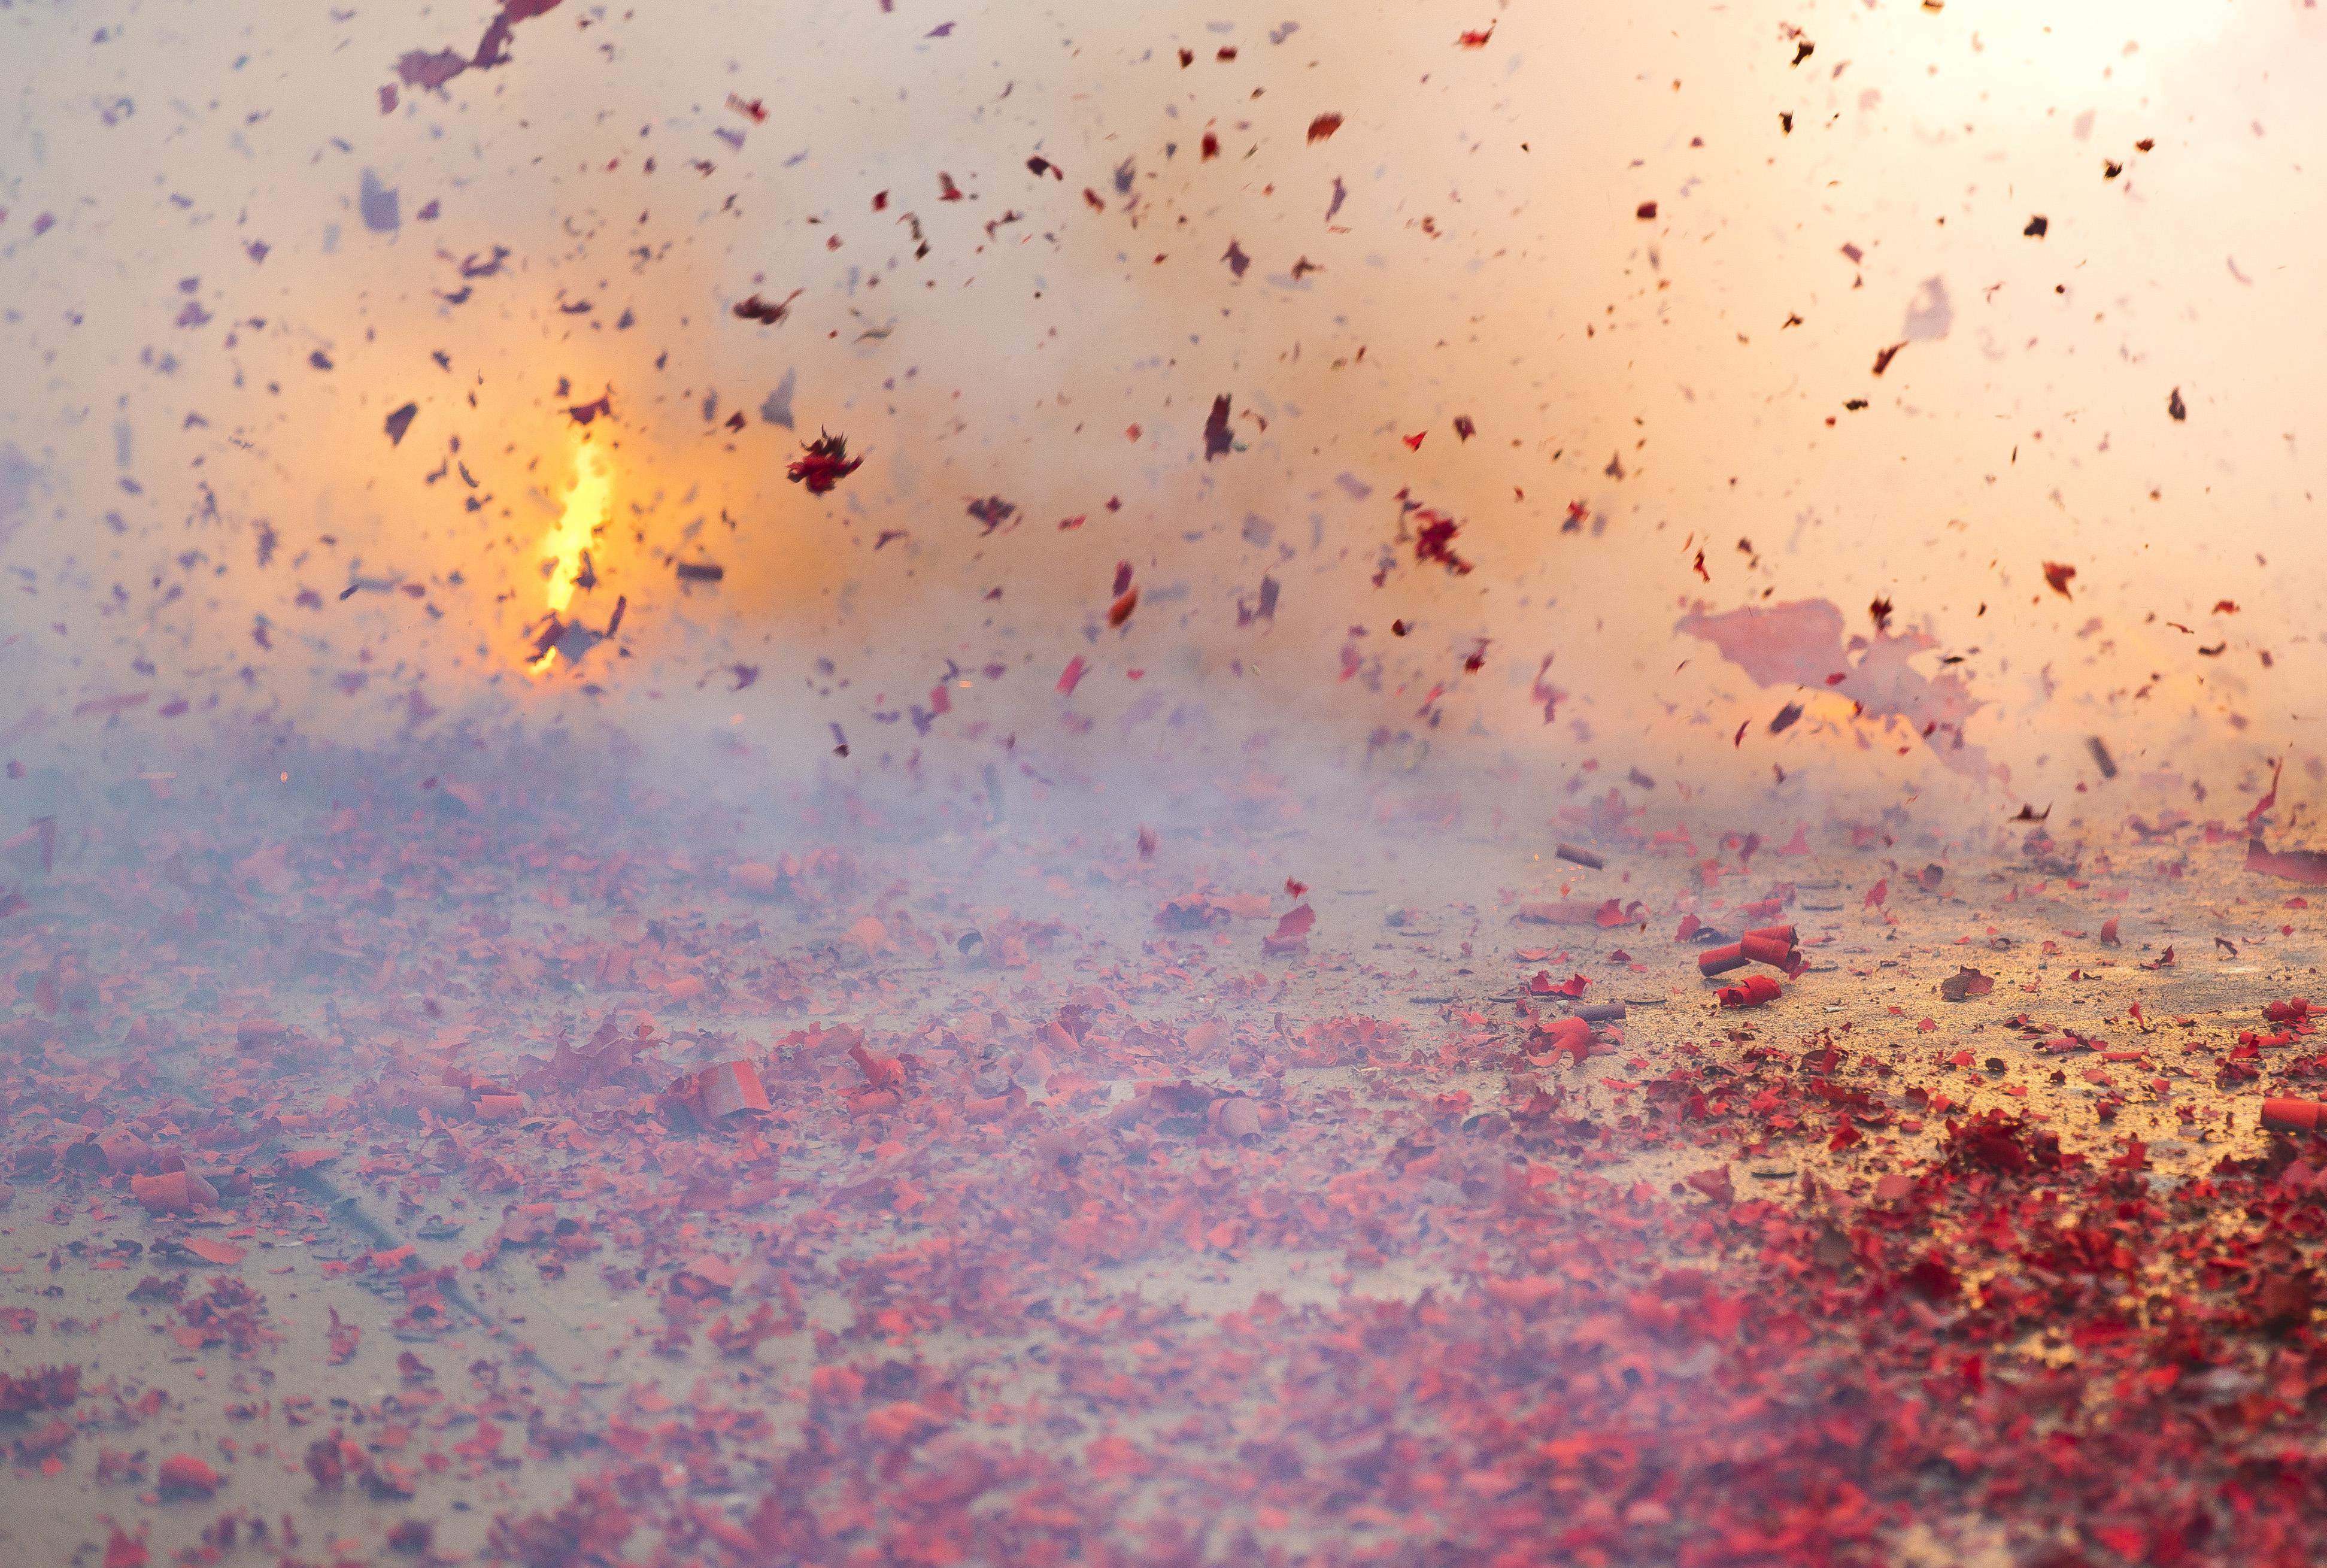 Bijna verdubbeling van vuurwerkschade in Bunschoten